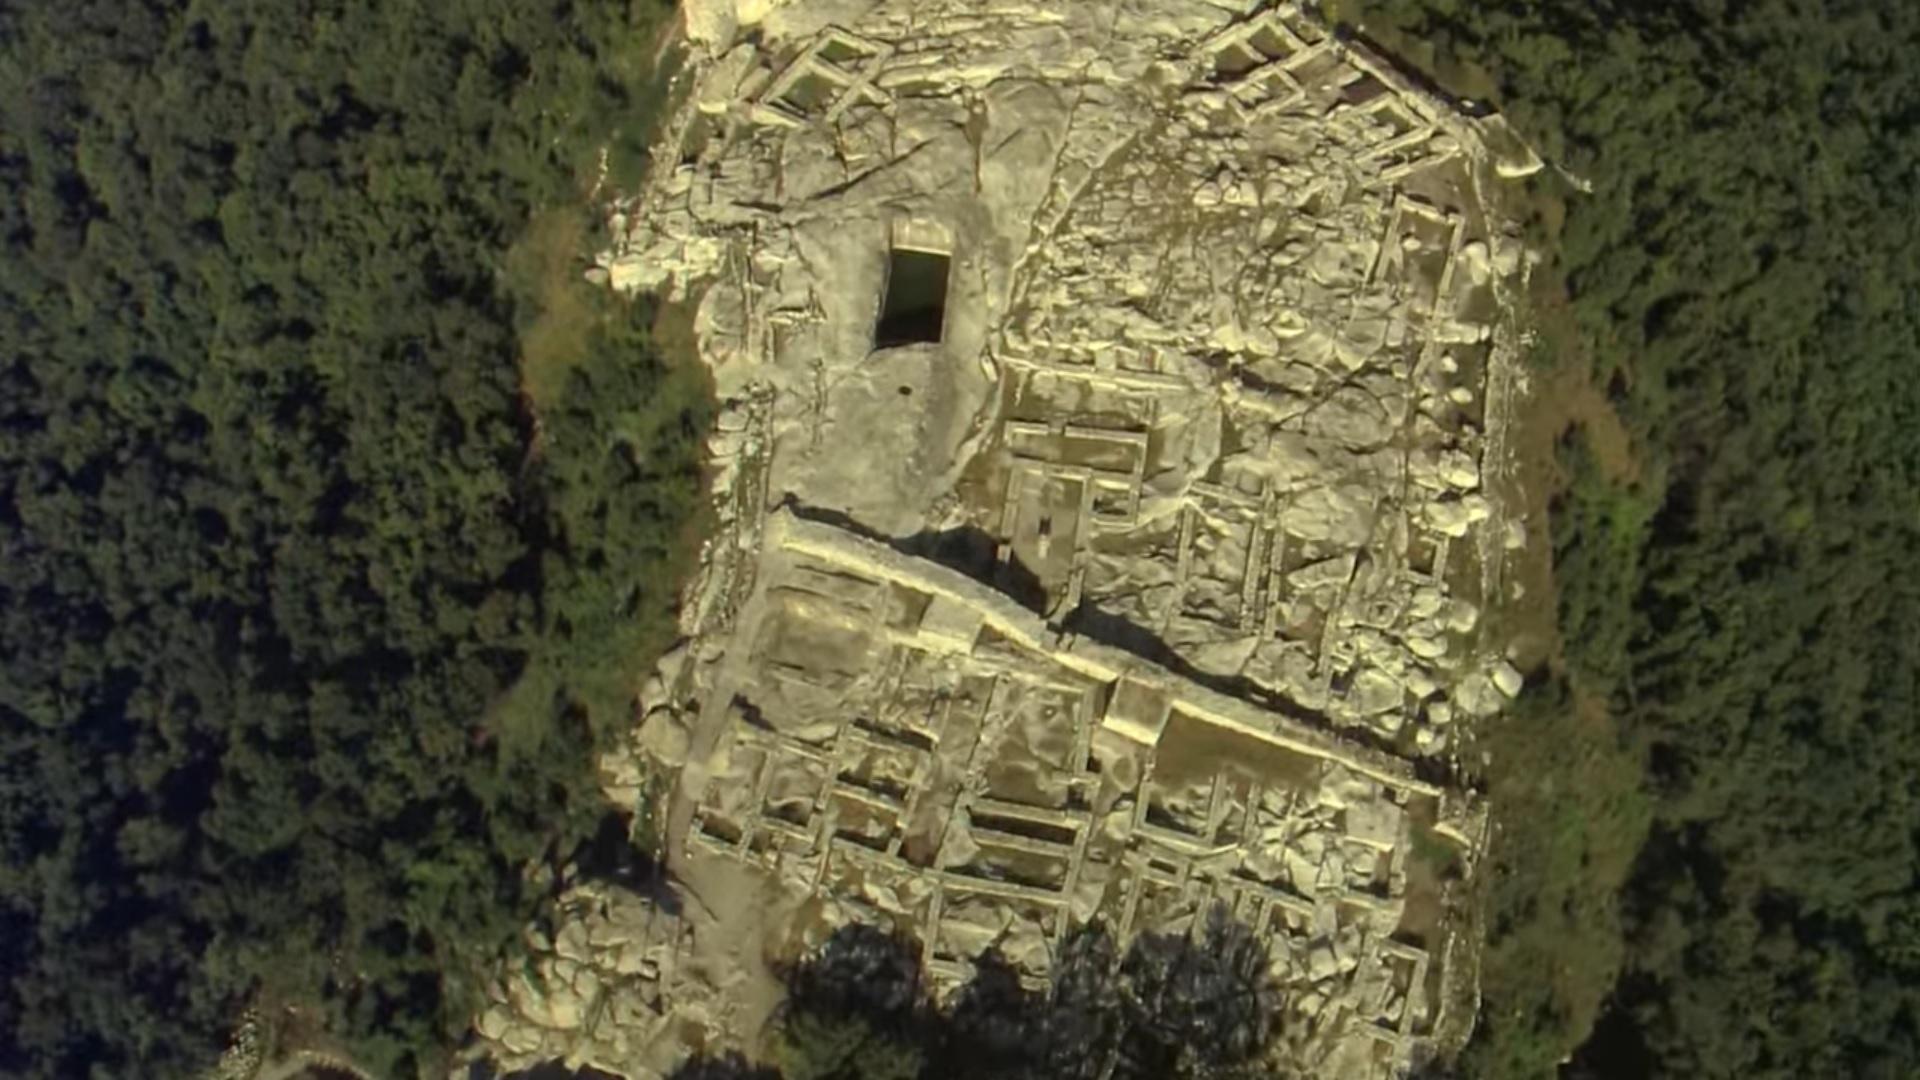 Тысячелетия назад Перперикон представлял собой огромную скалу без растительности. Так как древние люди не были в состоянии справиться со скалами из за отсутствия инструмента, они просто совершали культ на скале. Позже, с появлением инструмента, они смогли выдалбливать в скале целые помещения. Но к сожалению это также означает и разрушение следов древних культур. Именно такая проблема существует и на Перперикон. Поздние строительства в значительной степени уничтожили остатки древнейших цивилизаций. По последним археологическим исследованиям, первые следы жизни Перперикона идут от неолита, в конце 6-го - начале 5 века до н.э.